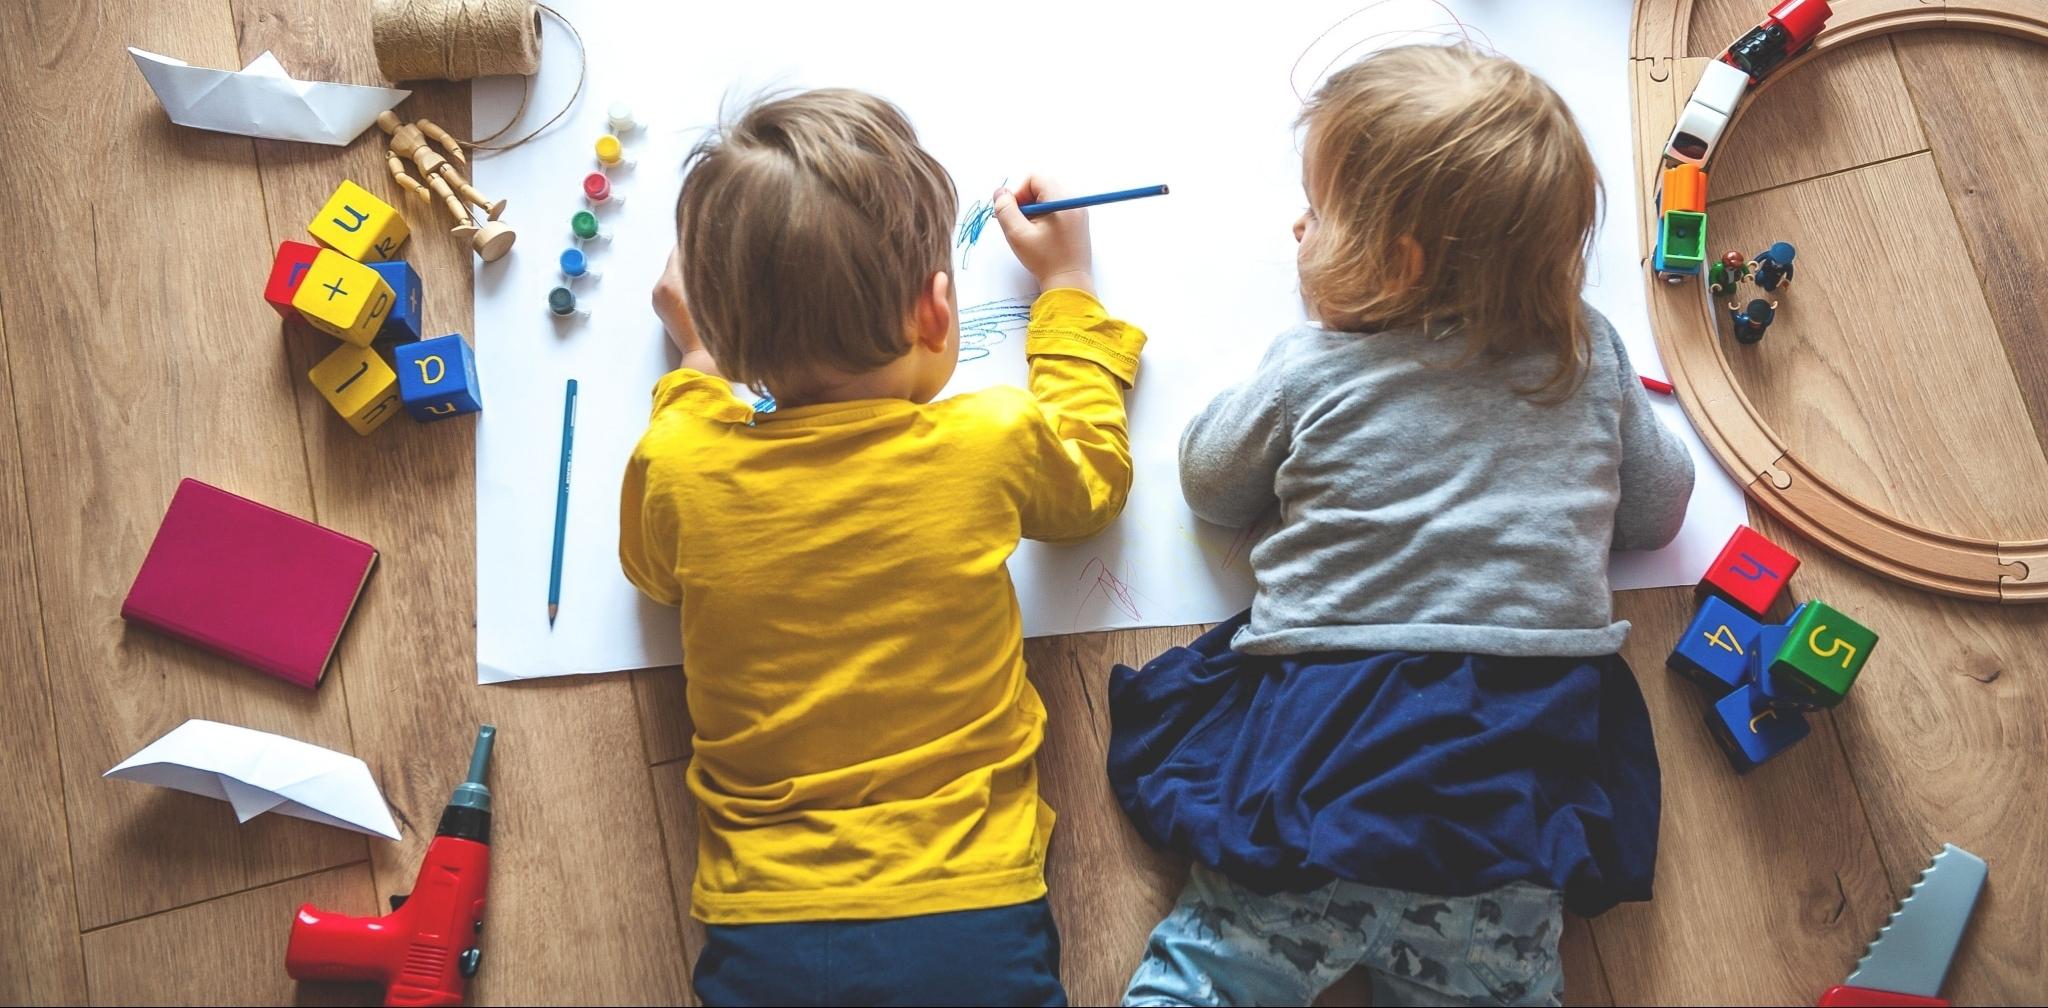 Kinder zeichnen am Boden